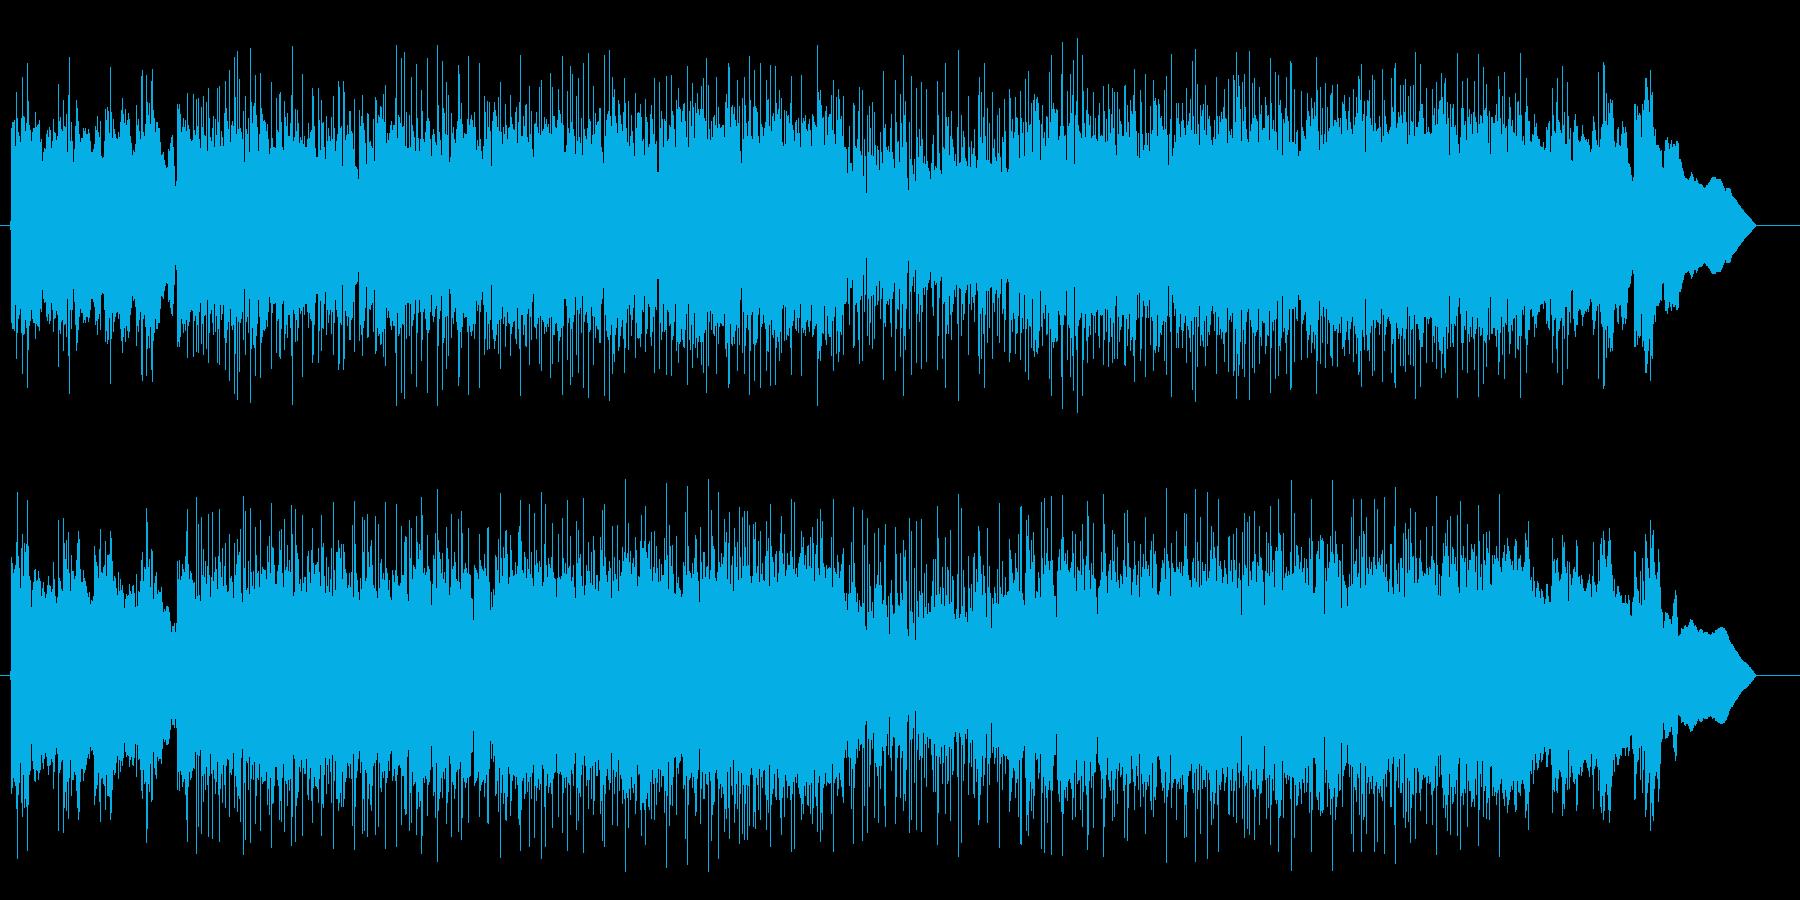 激しい小刻みなギターのロックの曲の再生済みの波形